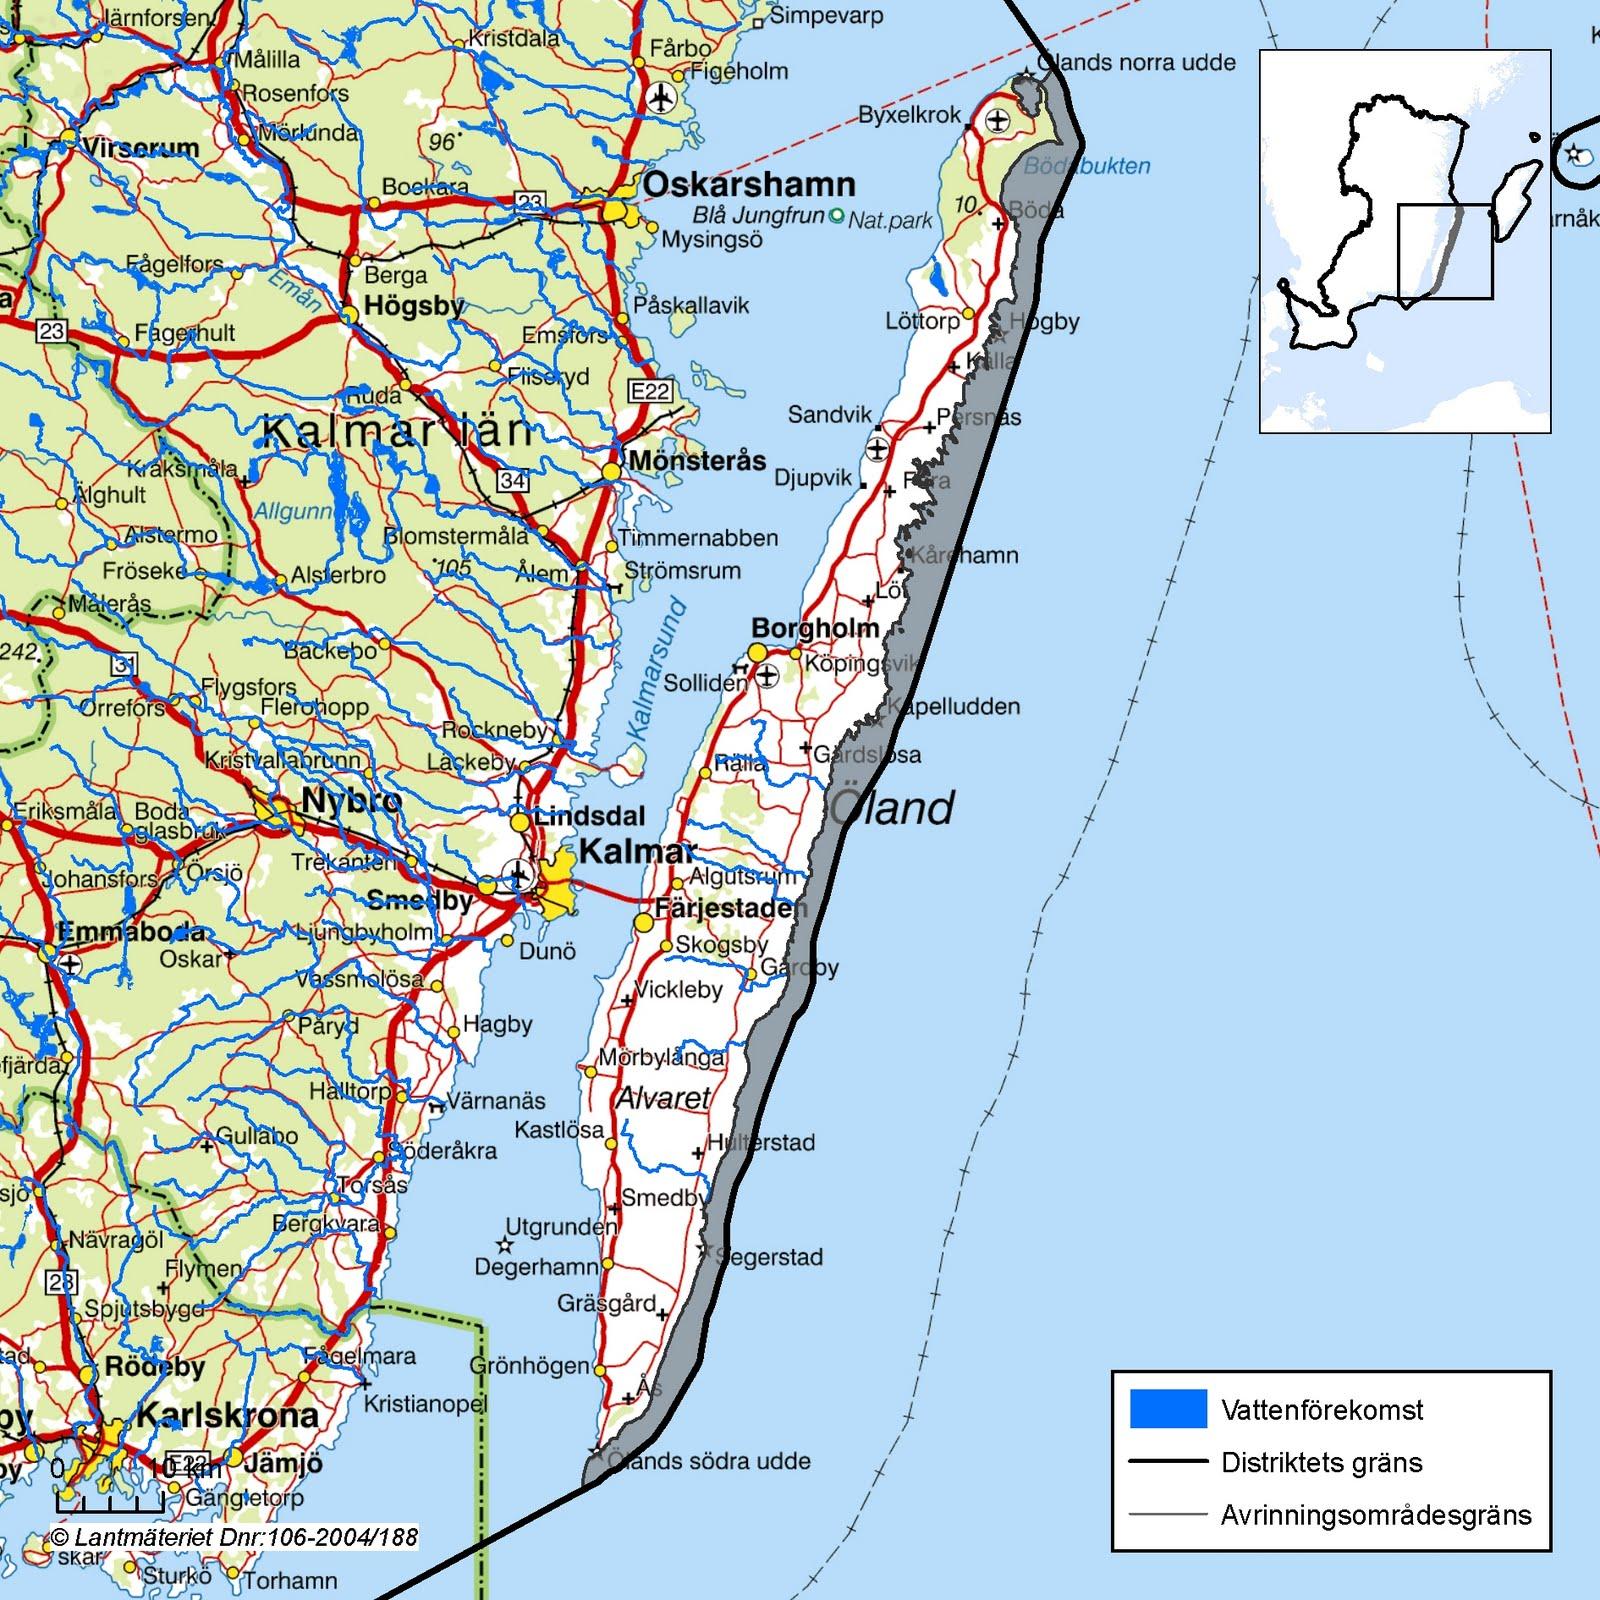 øland sverige kart Karta över Öland Regionen | Karta över Sverige, Geografisk, Fysisk  øland sverige kart